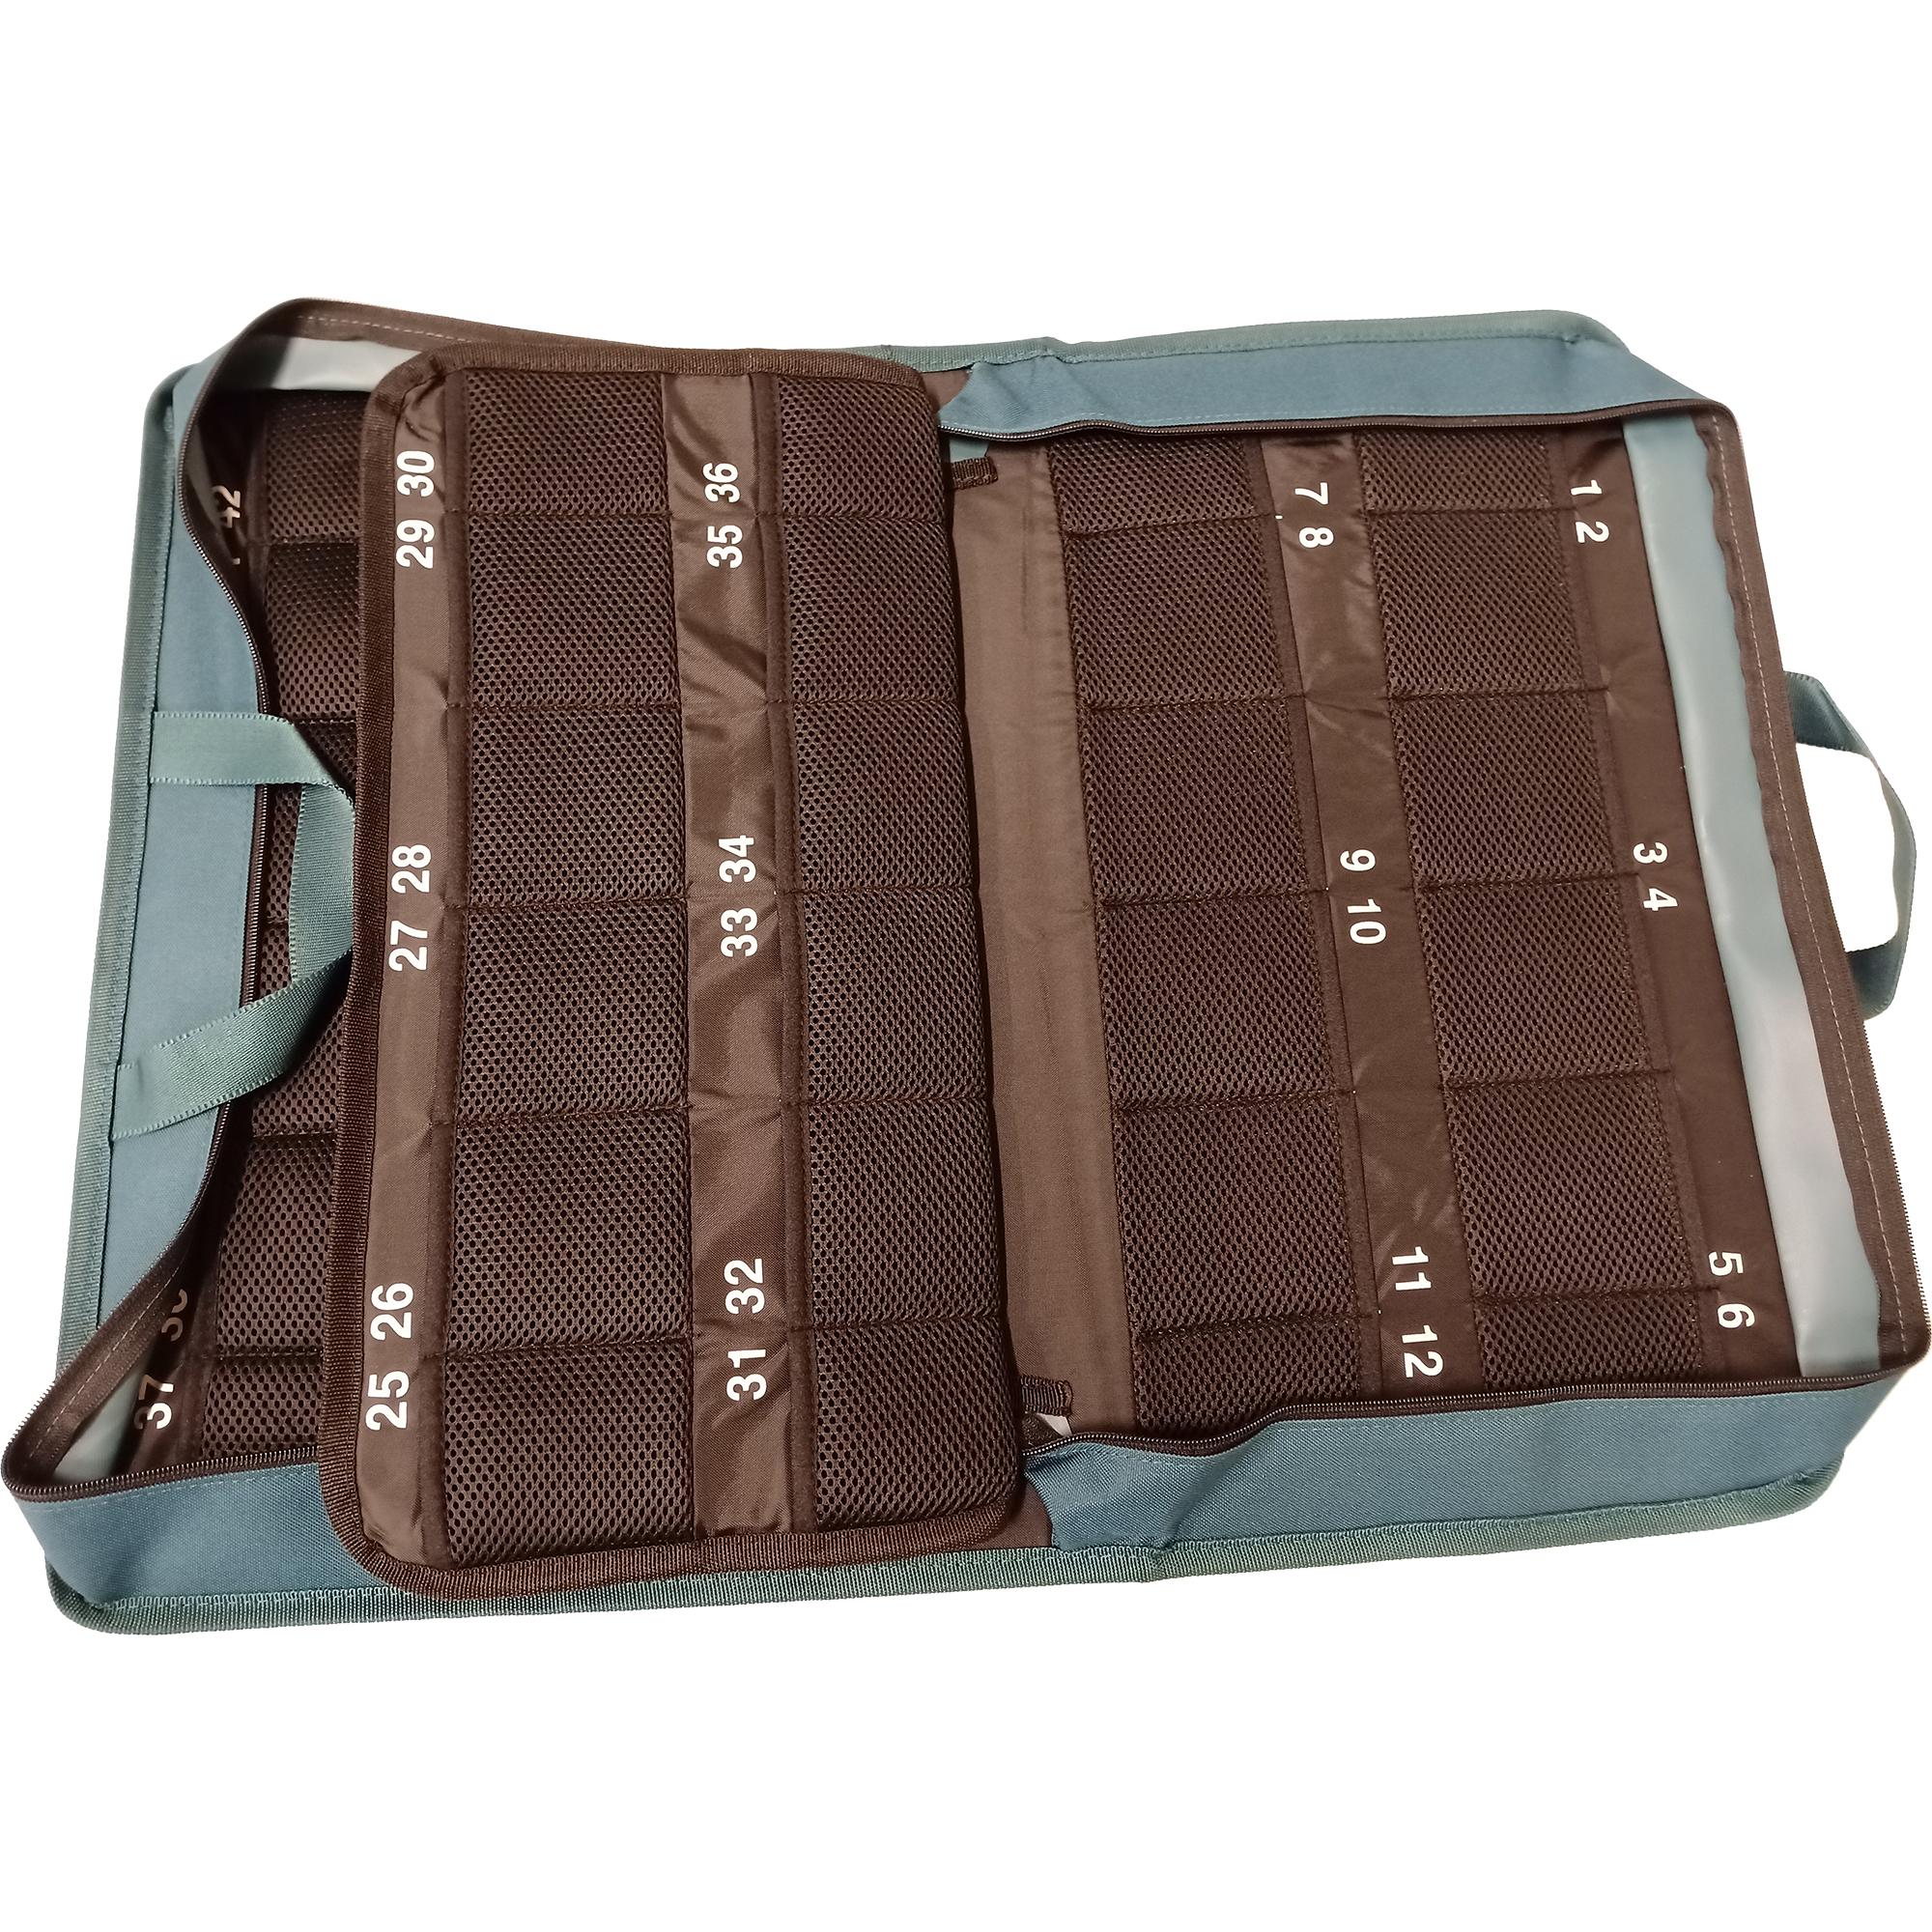 CB-48 Carry Bag